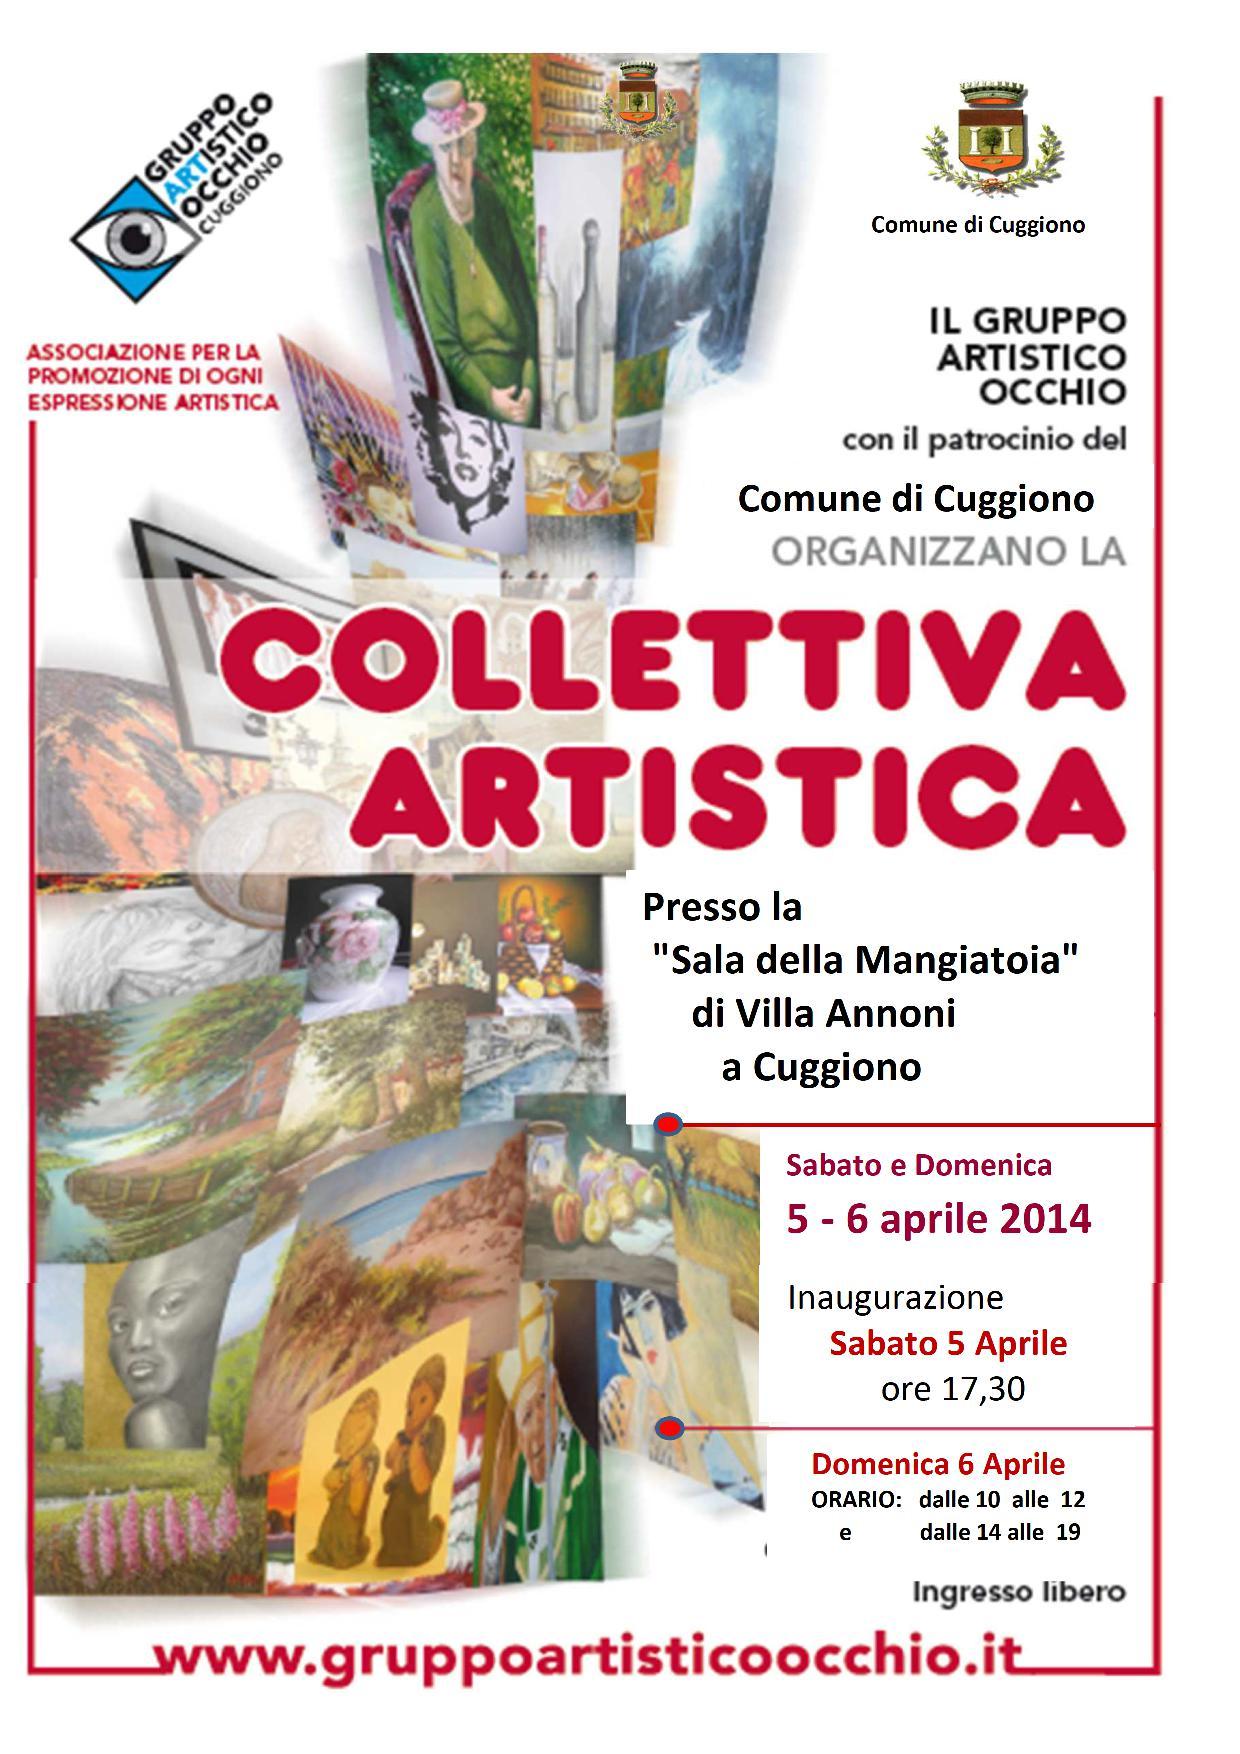 anno 2014 Cuggiono - Mostra Collettiva del Gruppo Artistico Occhio - 5 e 6 Aprile 2014.